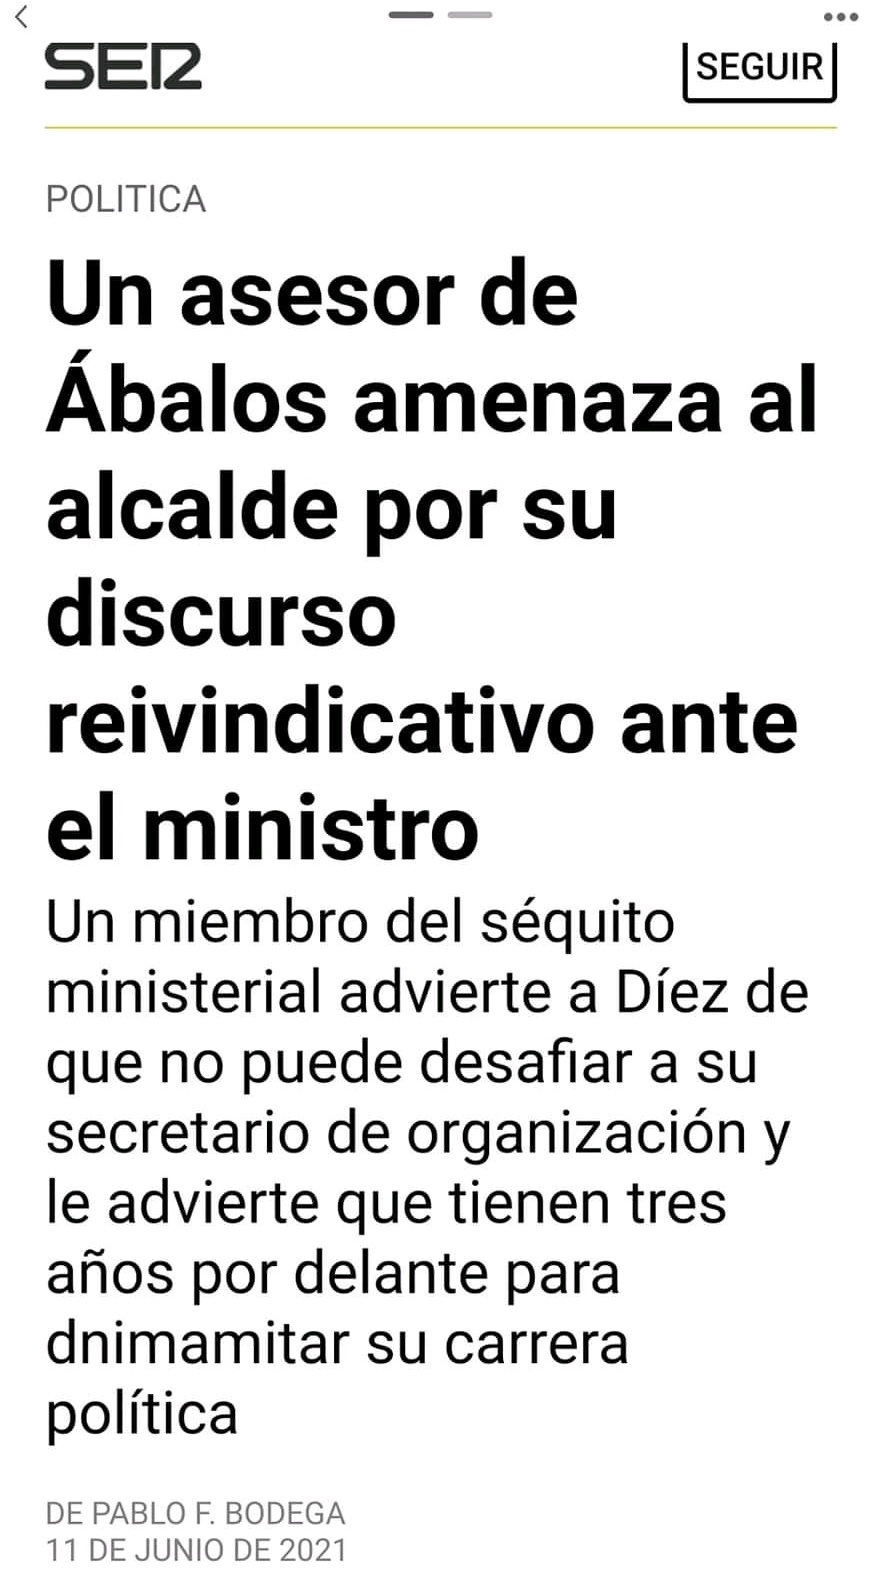 Fundación ideas y grupo PRISA, Pedro Sánchez Susana Díaz & Co, el topic del PSOE - Página 19 20210615